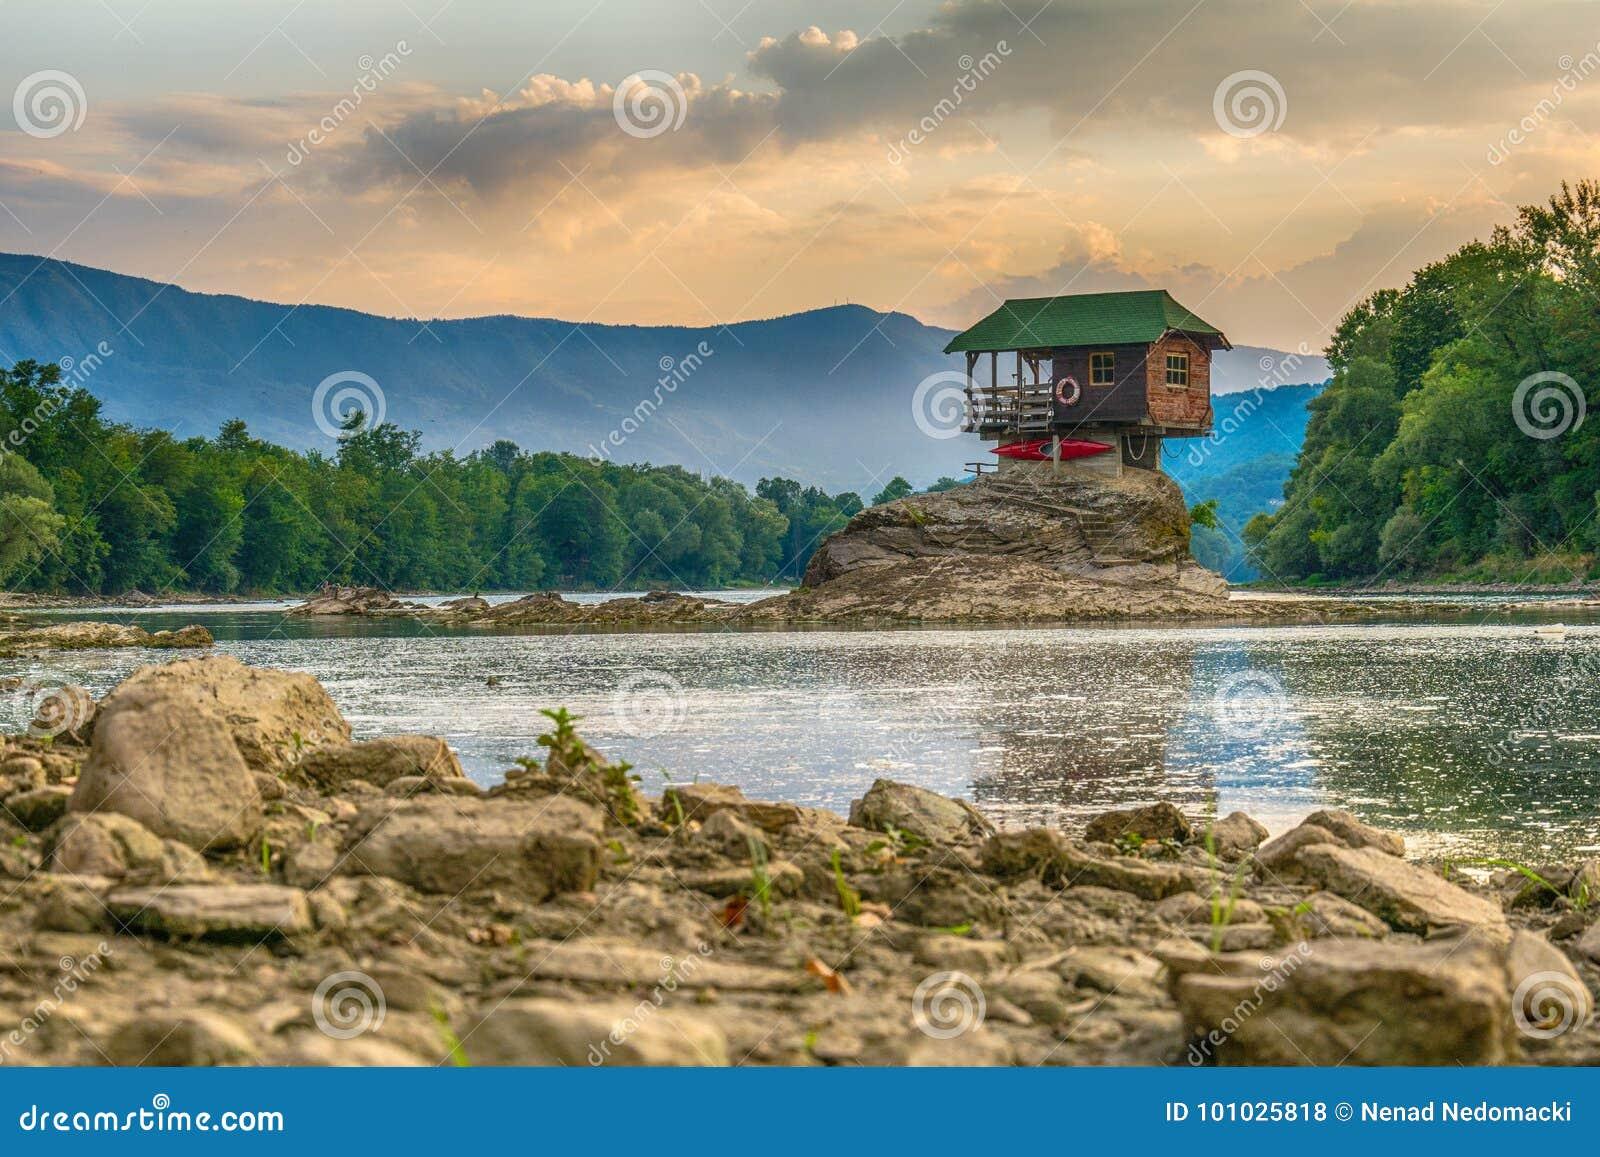 Eenzaam huis op de rivier Drina in Bajina Basta, Servië